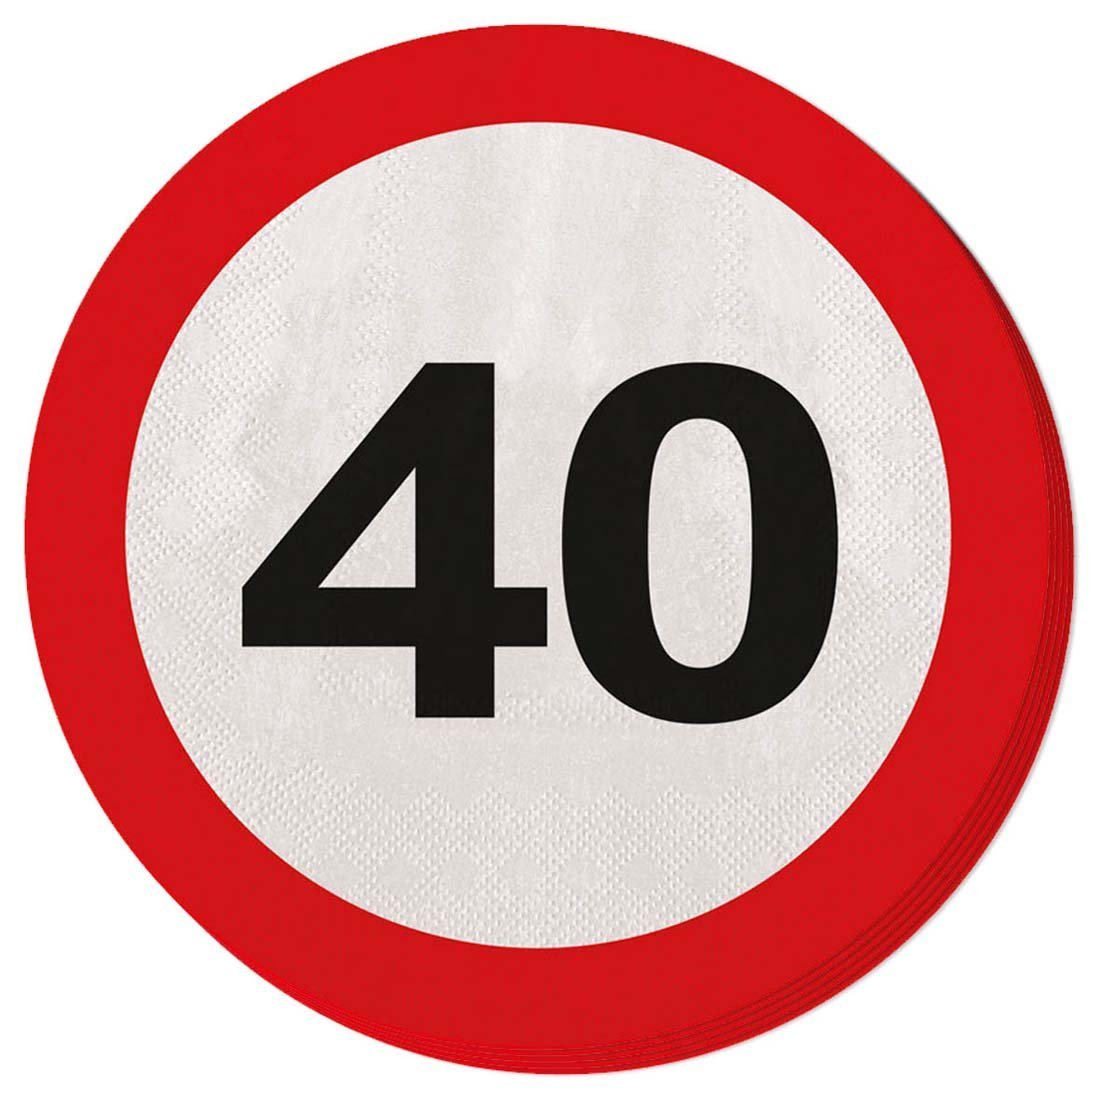 NET TOYS Globo 40 cumpleaños señal de tráfico 30 cm Balón de Aire Globo Fiesta Esfera Hinchable con número Balones para hinchar Aniversario Globito ...